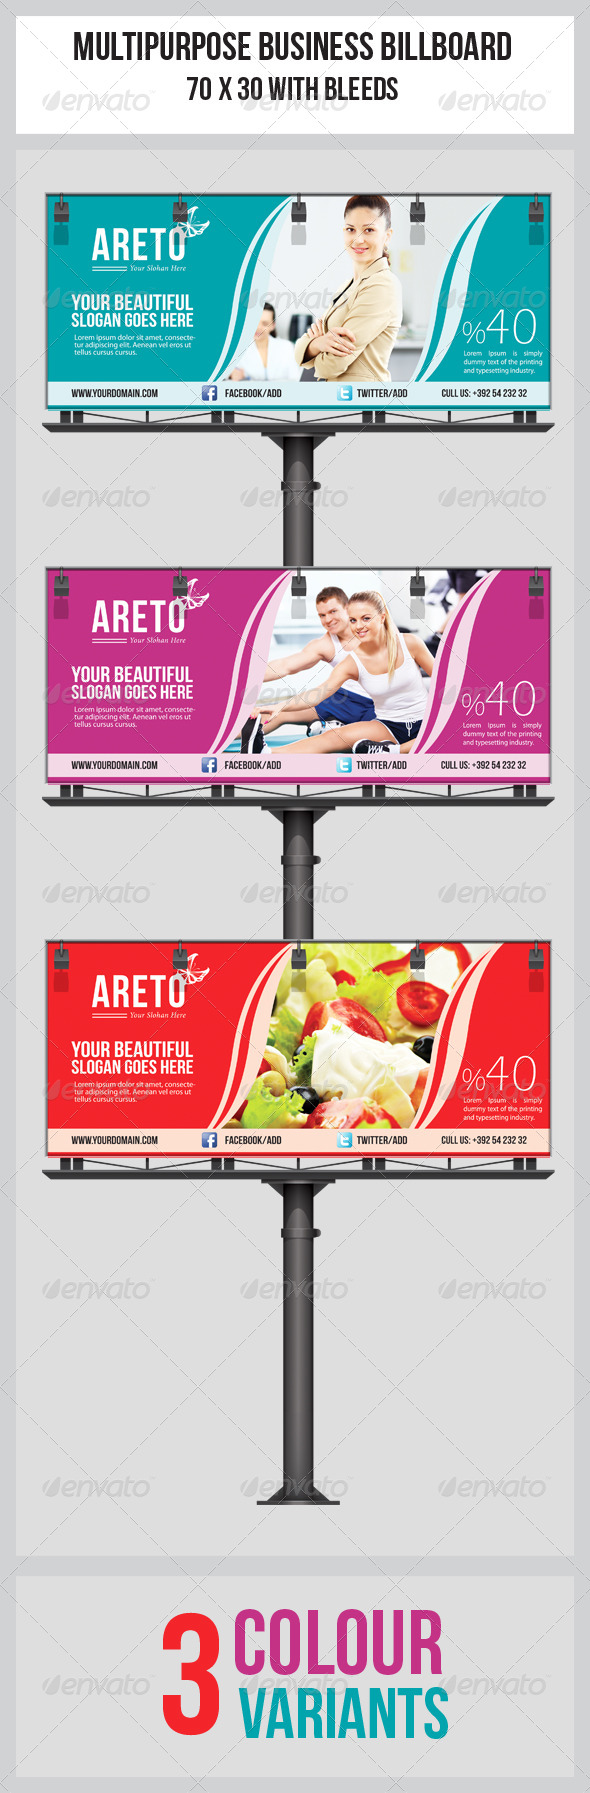 GraphicRiver Multipurpose Business Billboard Template 5002856